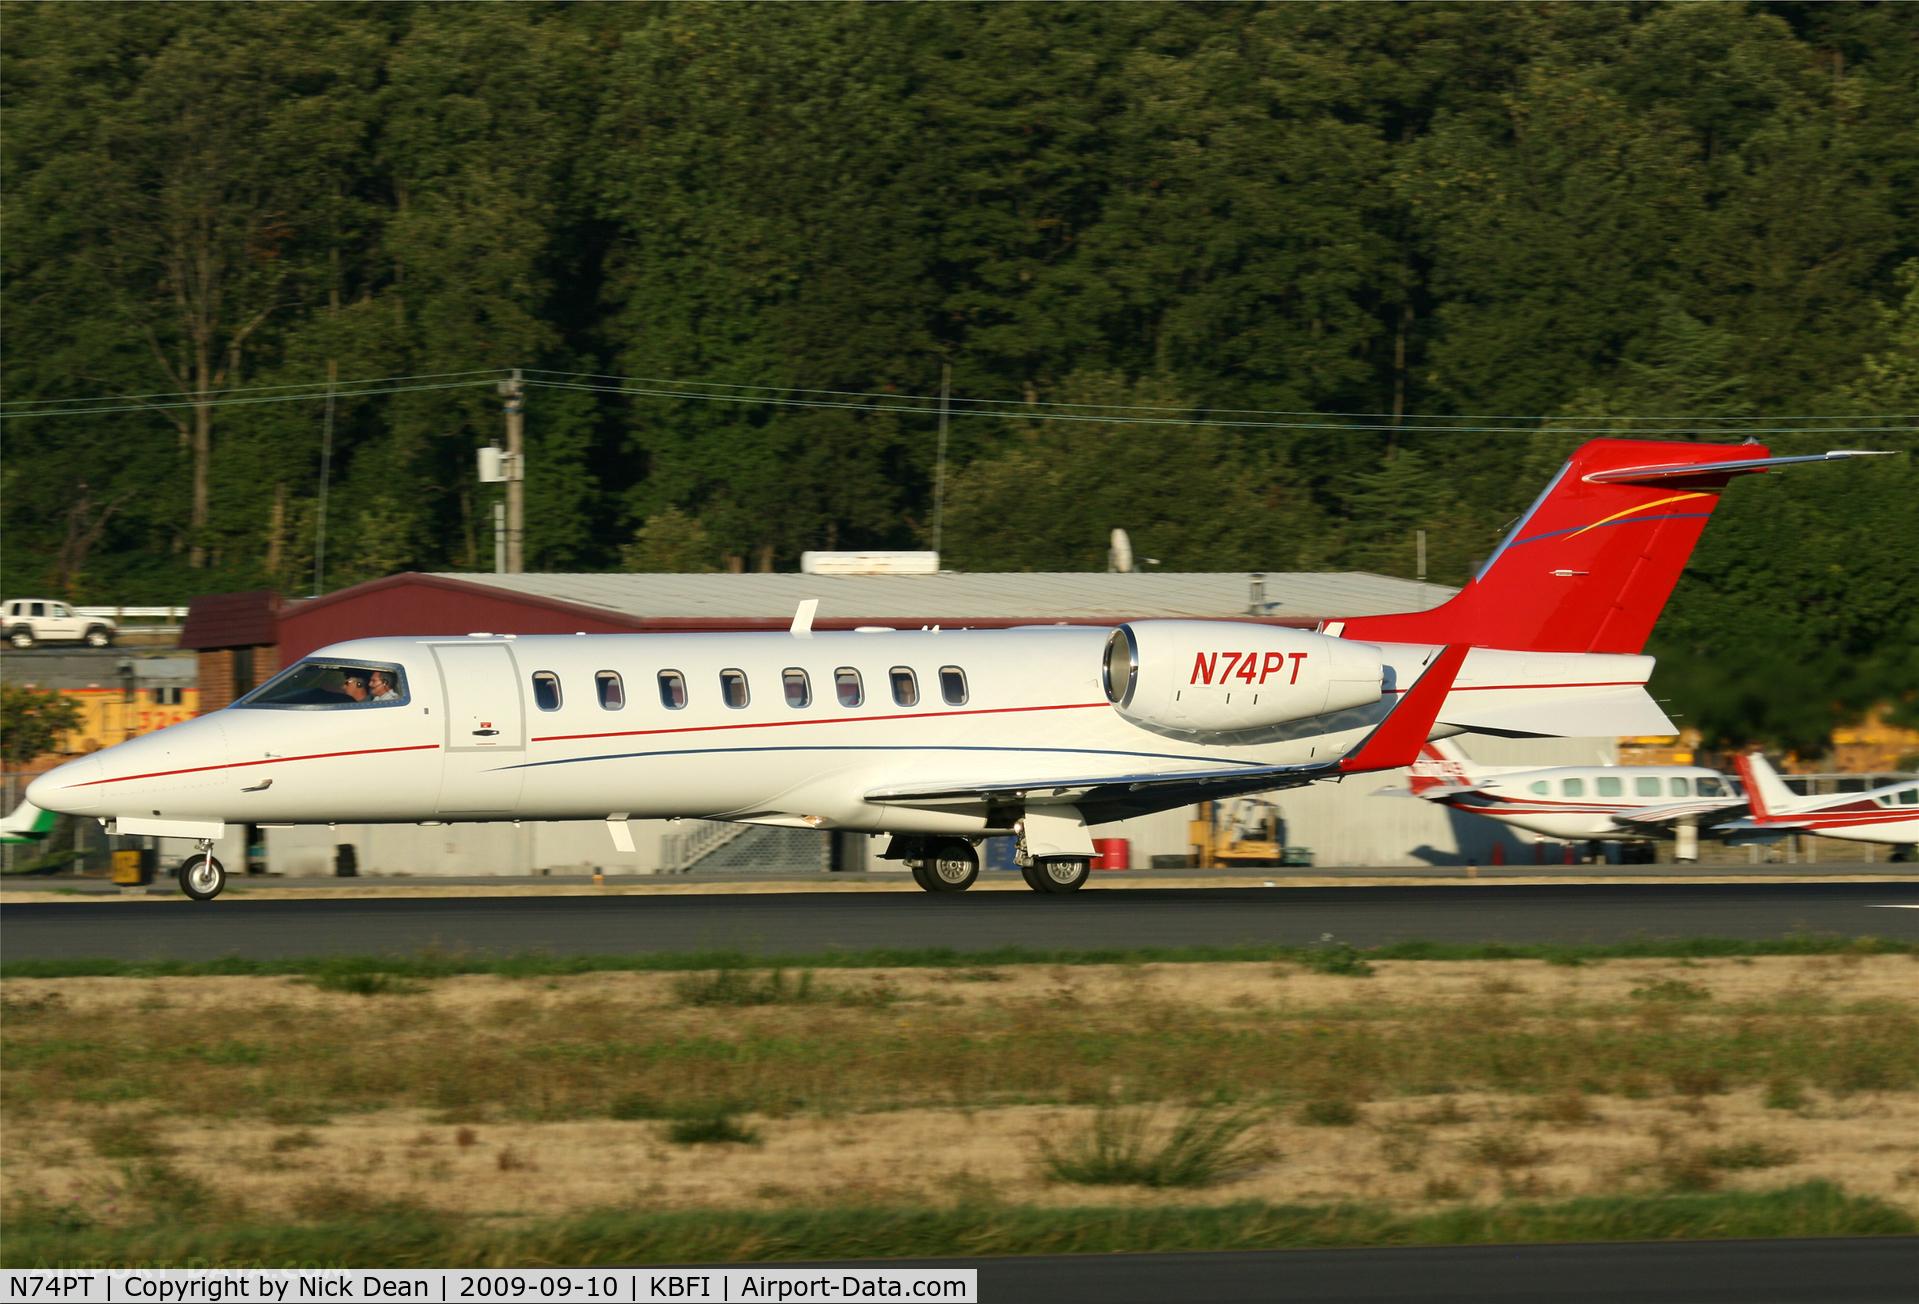 N74PT, 2006 Learjet Inc 45 C/N 314, KBFI